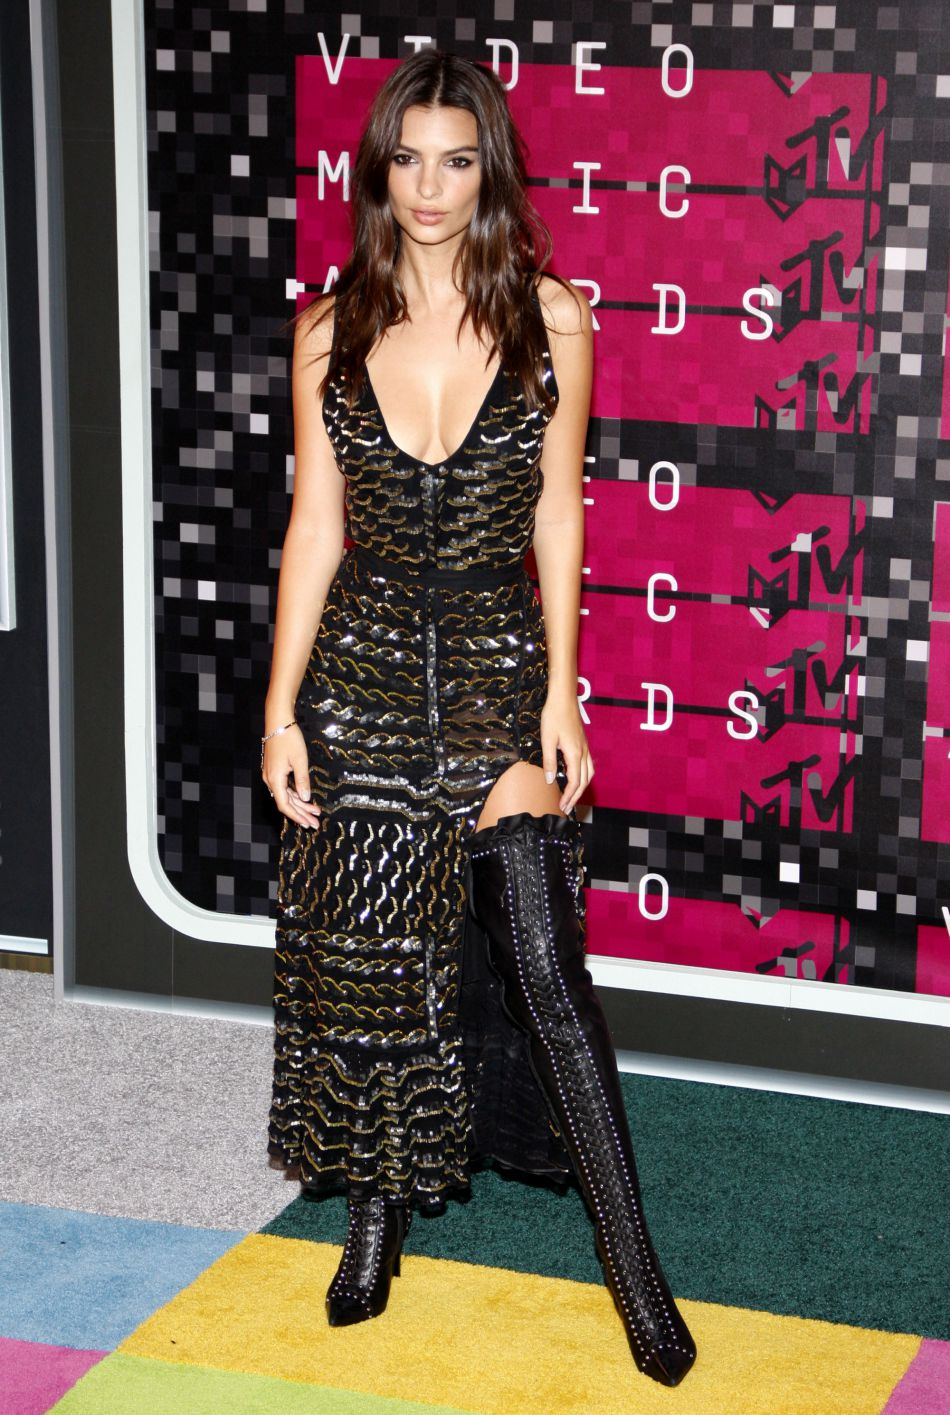 Emily Ratajkowski aux MTV Video Music Awards à Los Angeles le 30 aout 2015.